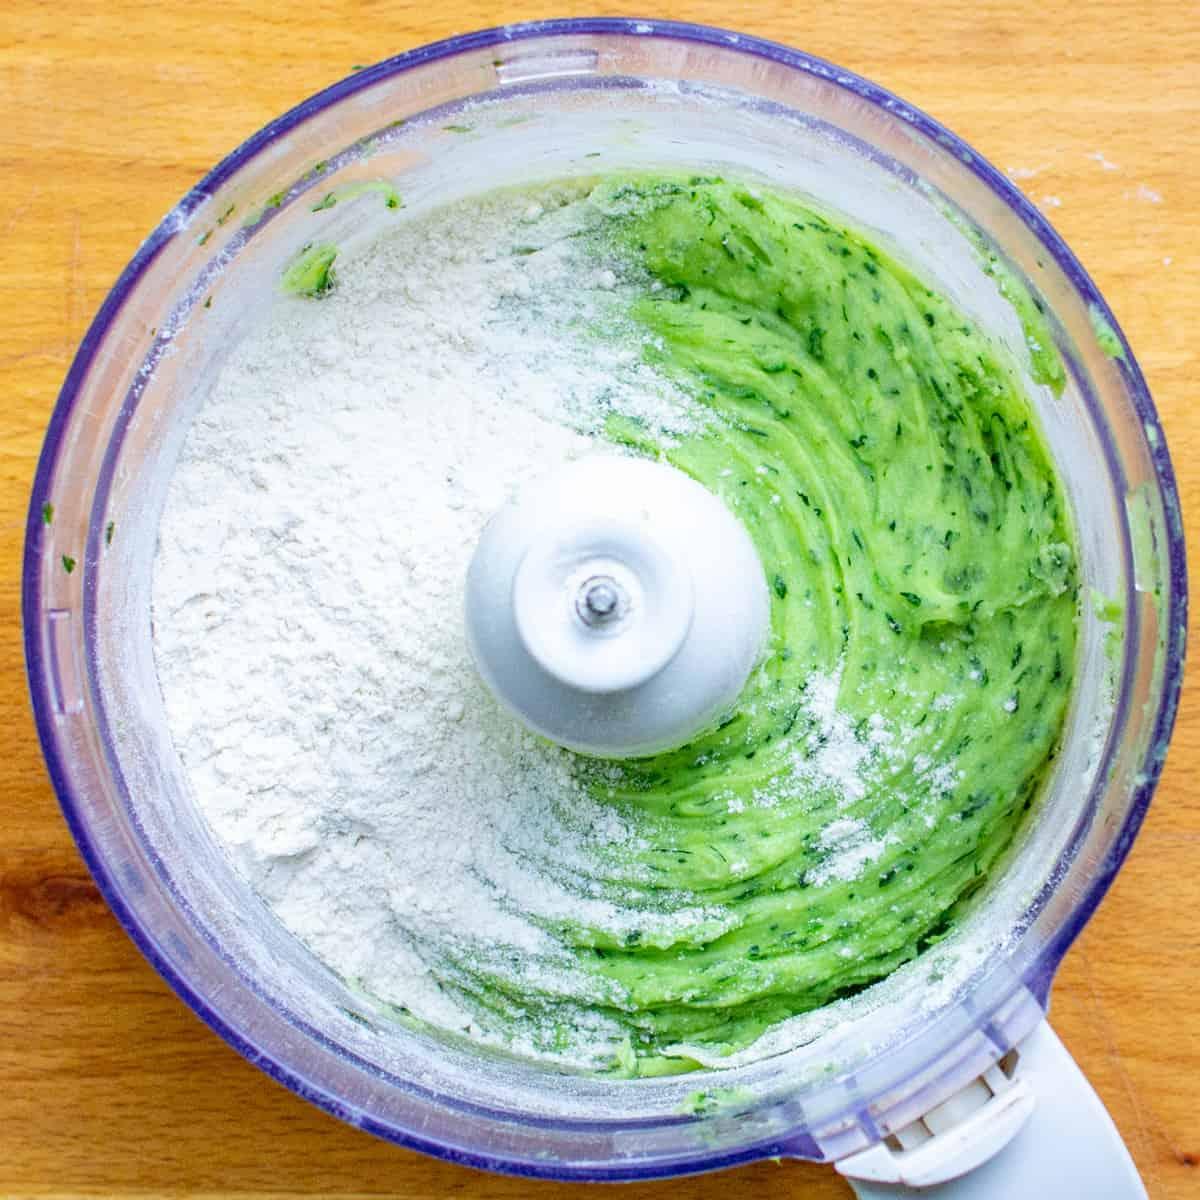 Adding the flour to make the gnocchi dough.